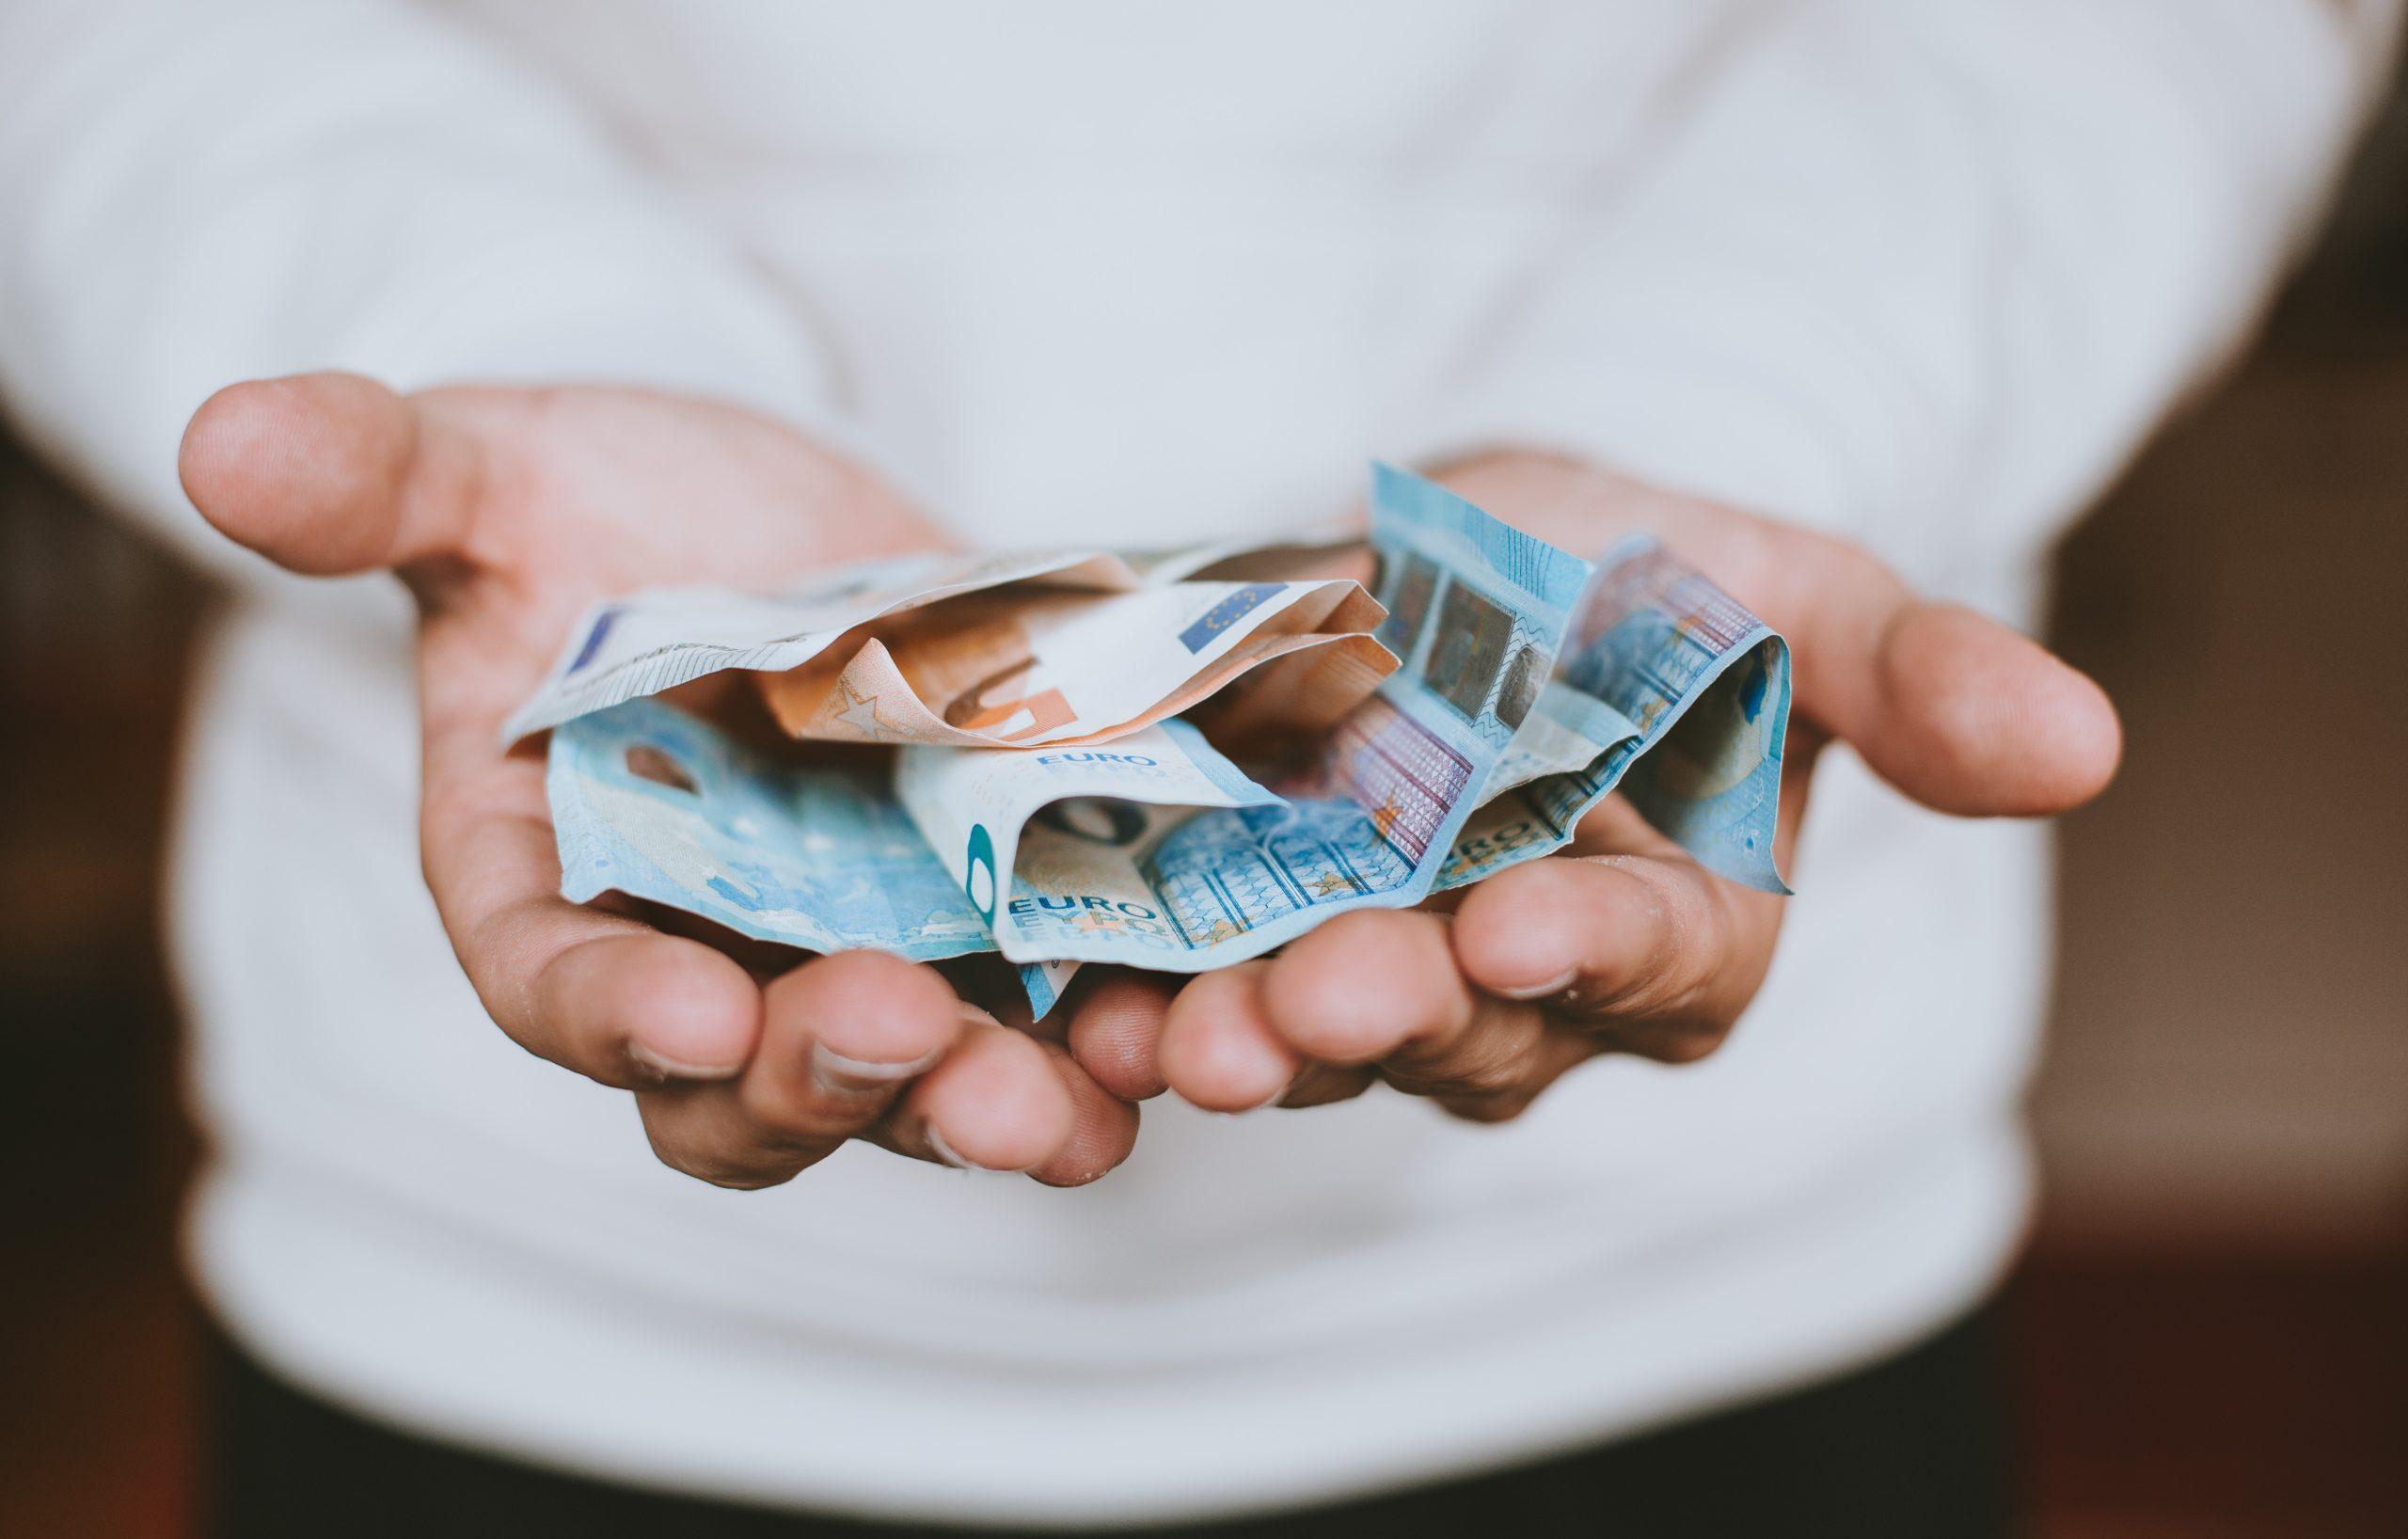 お金持ちになれるかどうか分かるテスト【90%が庶民の回答をします】